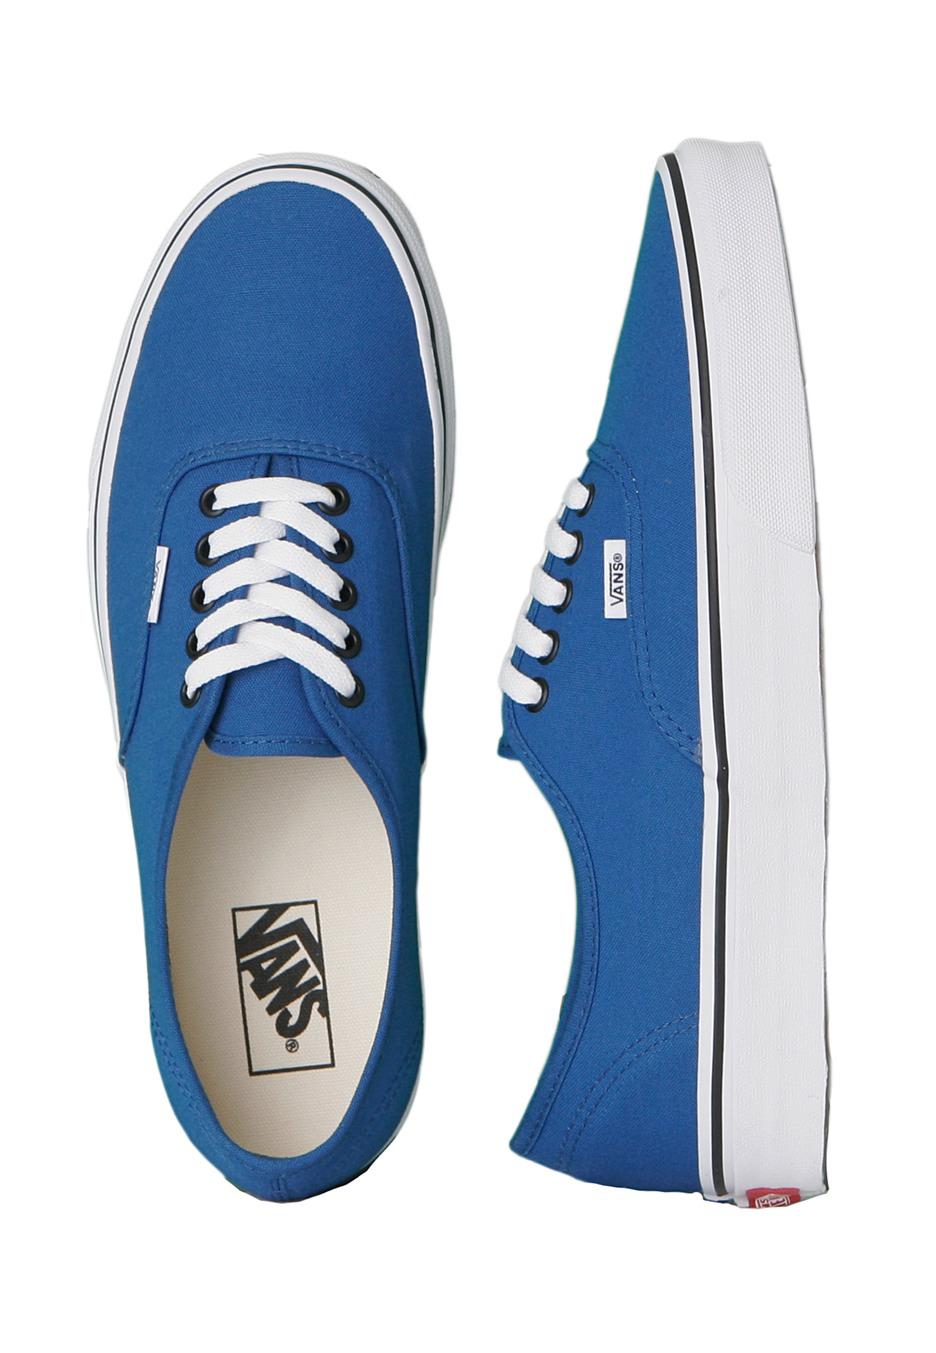 6a49412176 Vans - Authentic Snorkel Blue Black - Shoes - Impericon.com UK